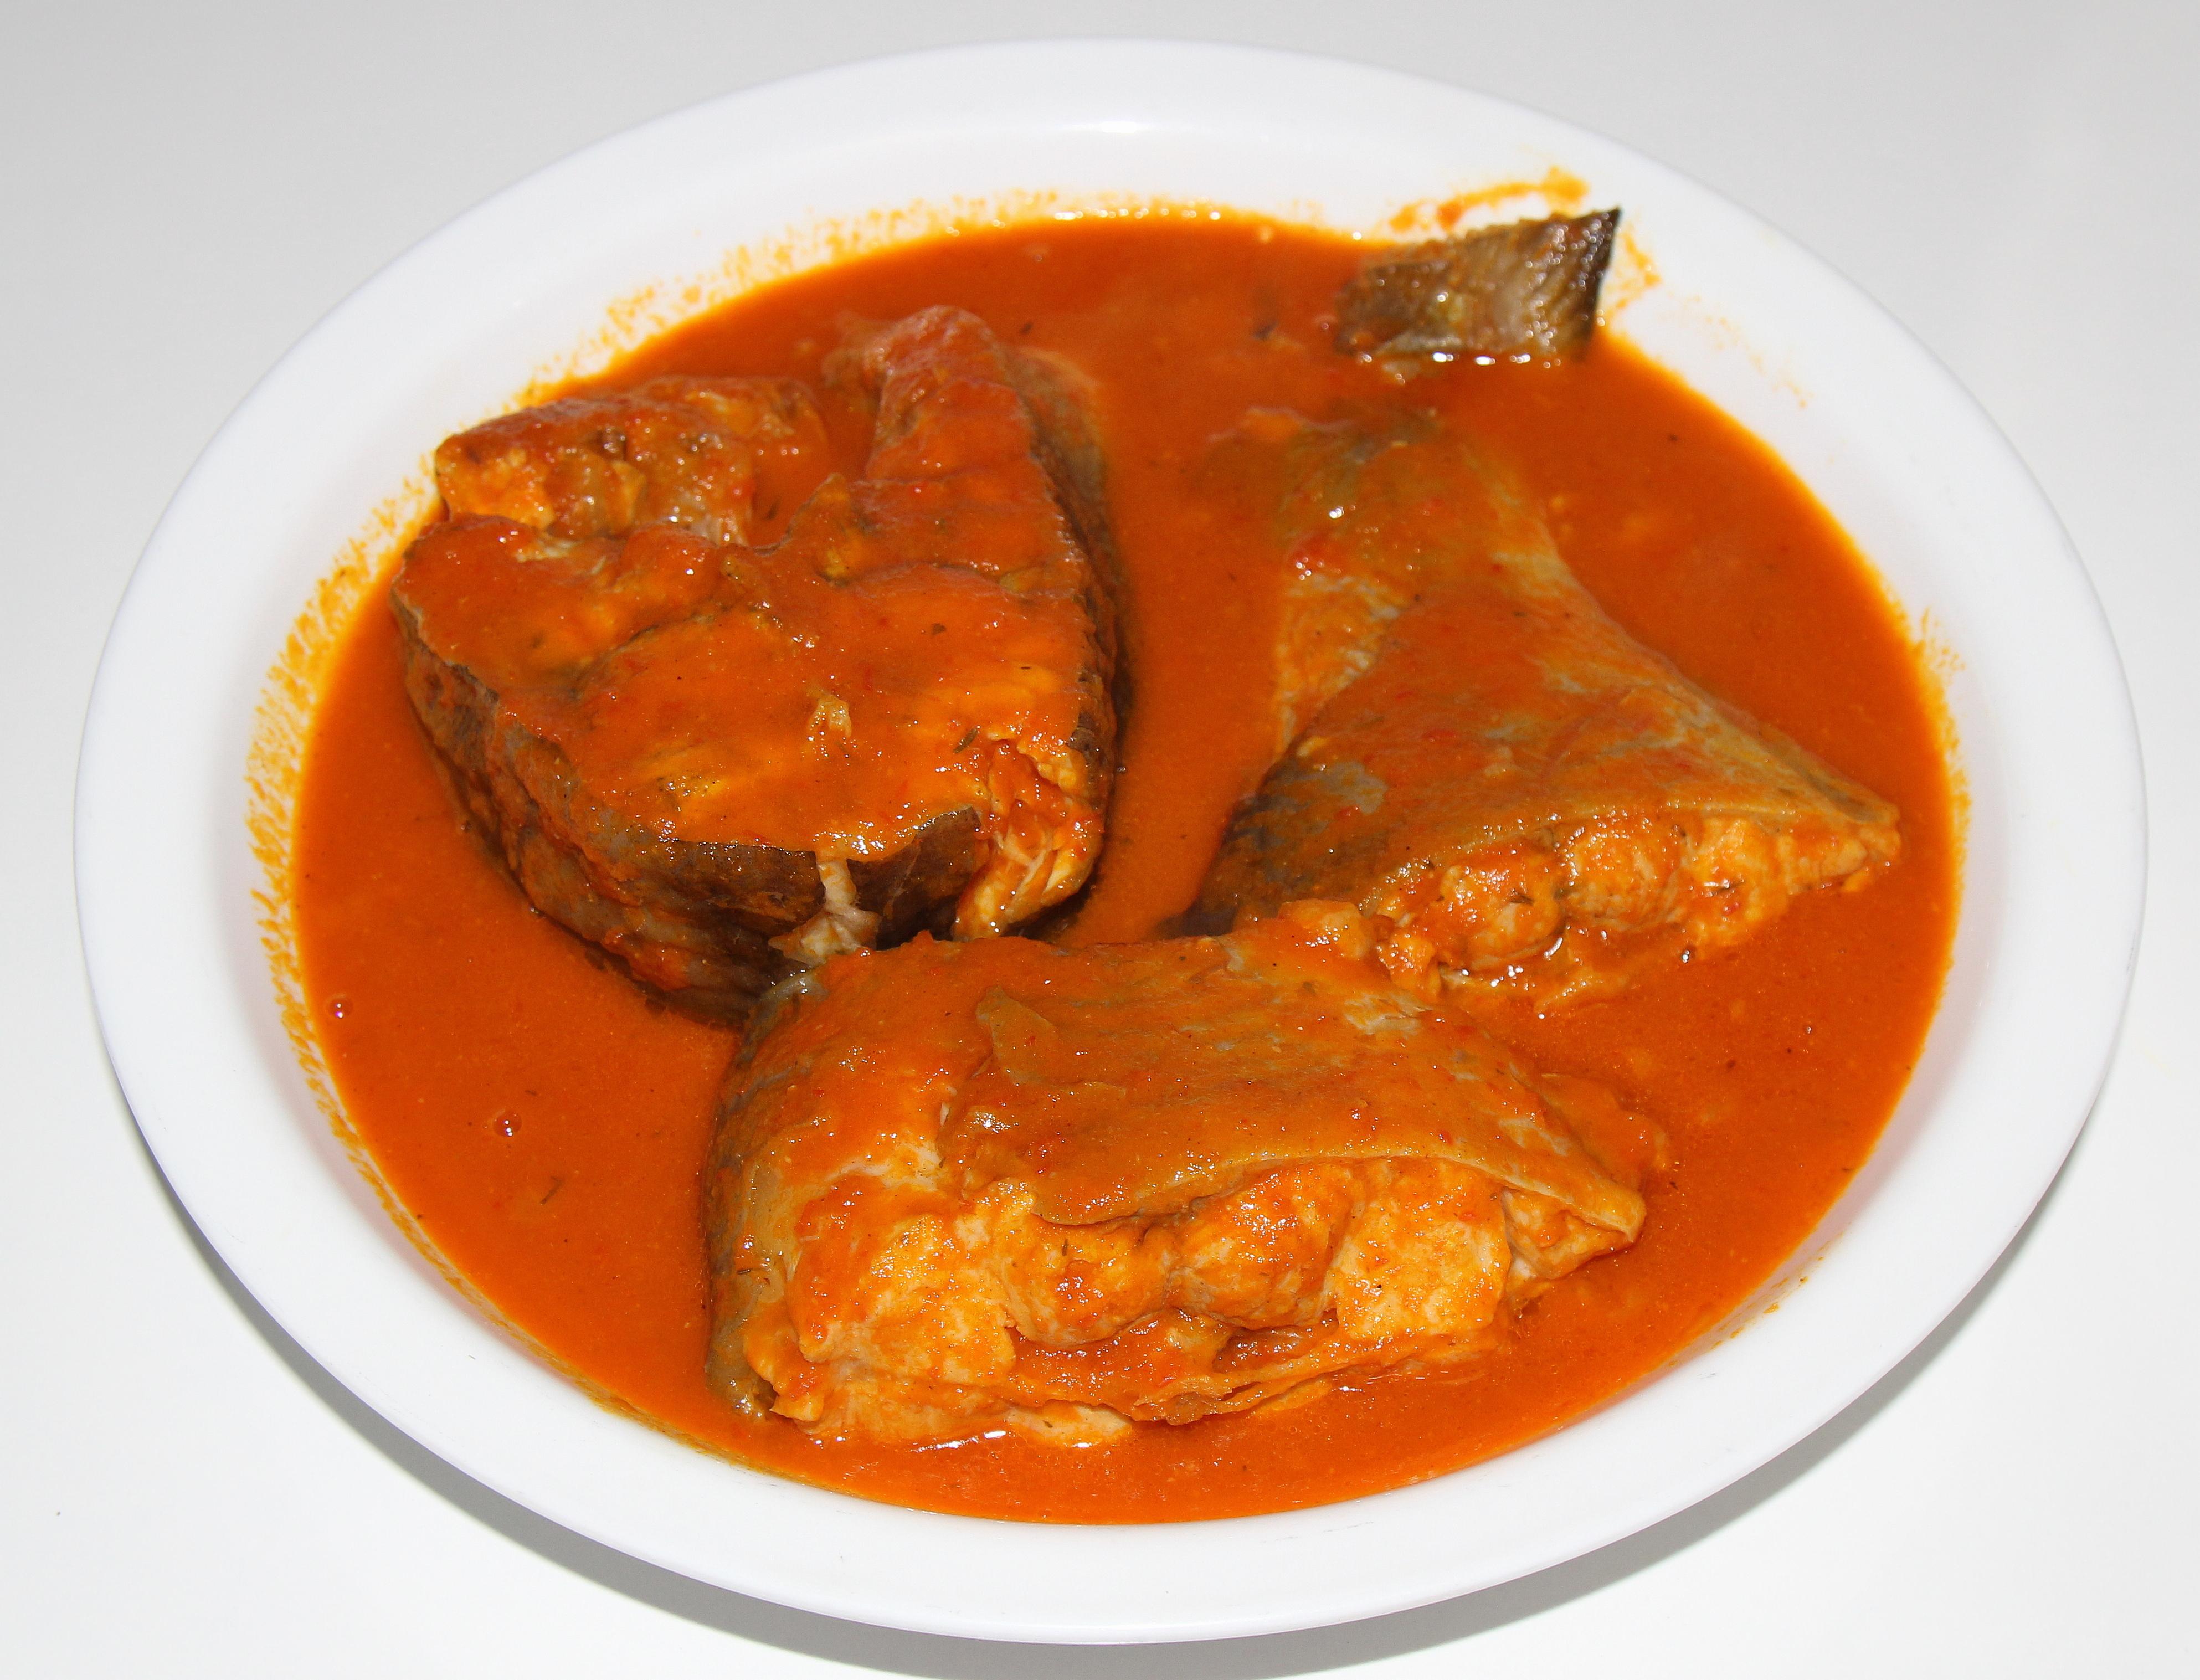 Fish stew wazokitchen for African fish stew